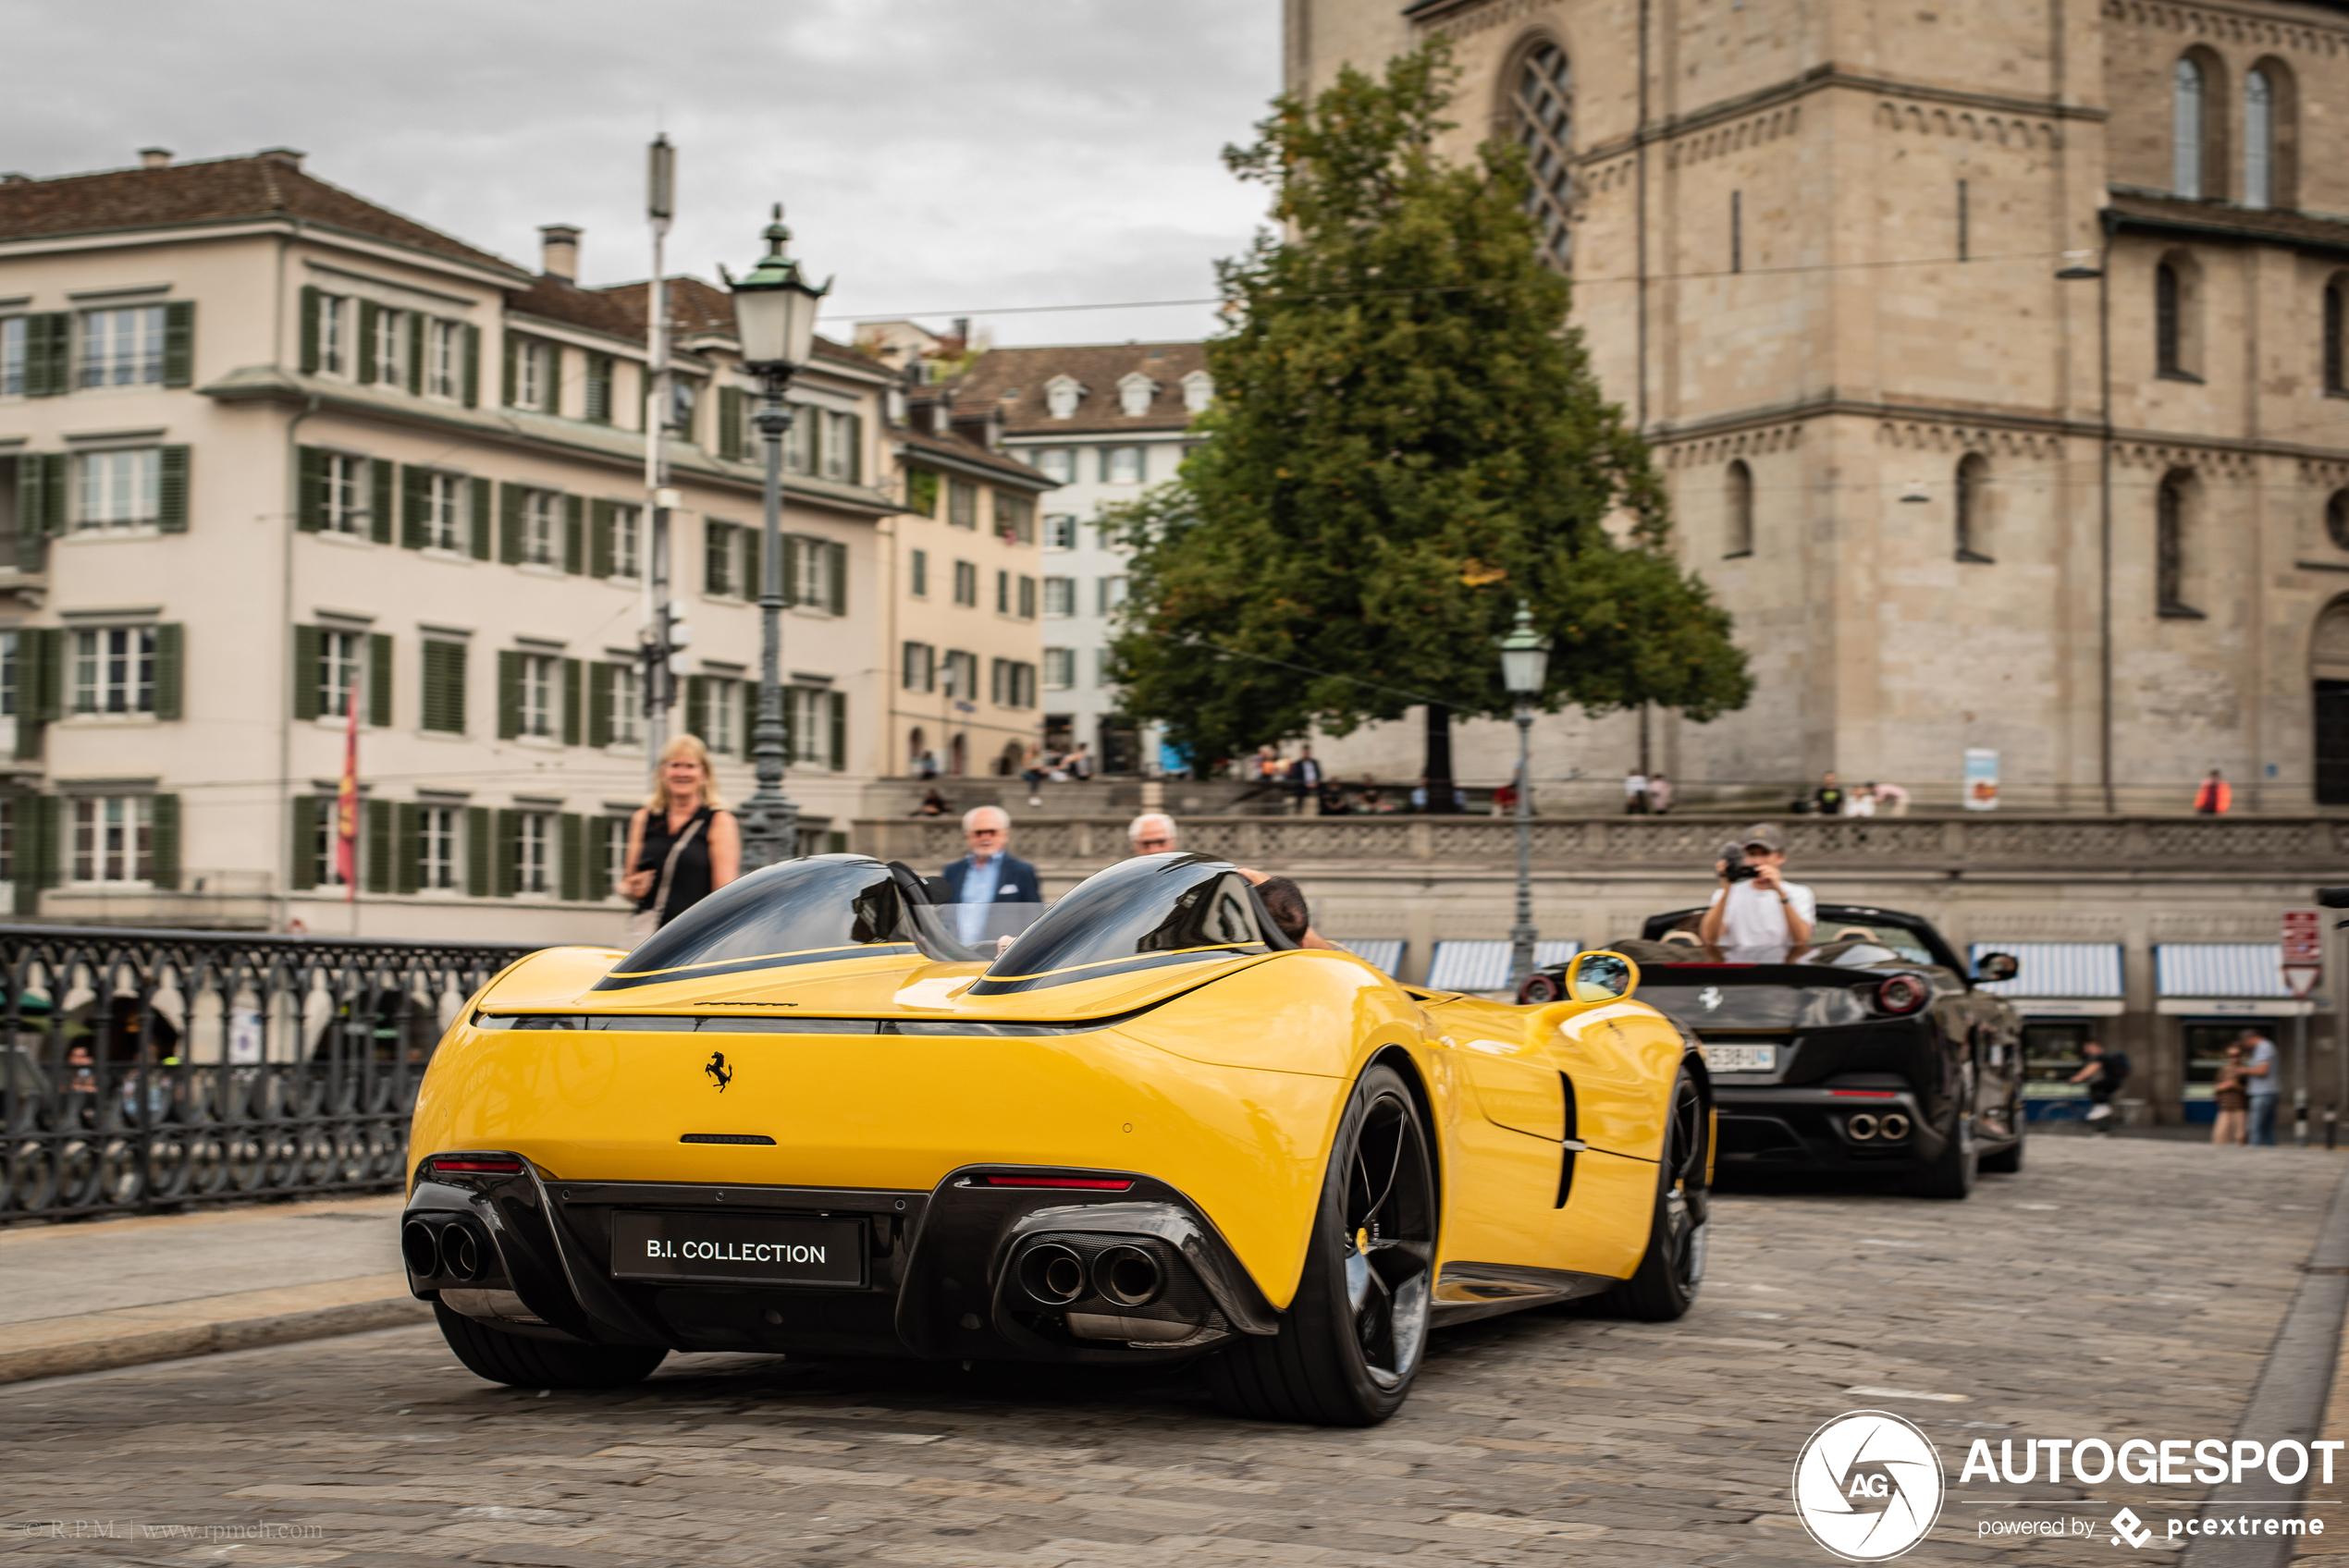 Supercarblondie rijdt Ferrari Monza SP2 in Zürich